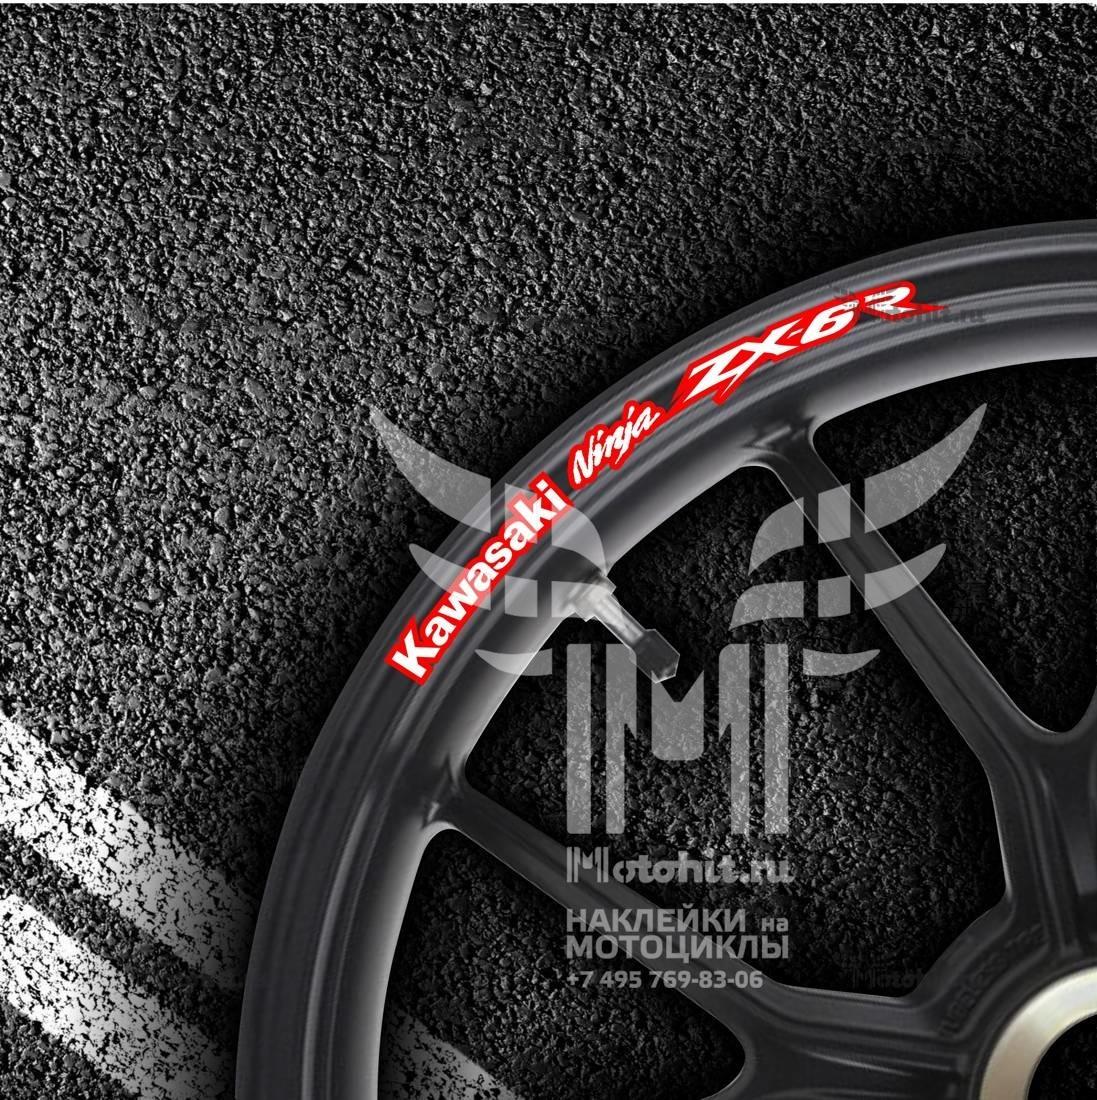 Комплект наклеек на обод колеса мотоцикла KAWASAKI ZX-6-R